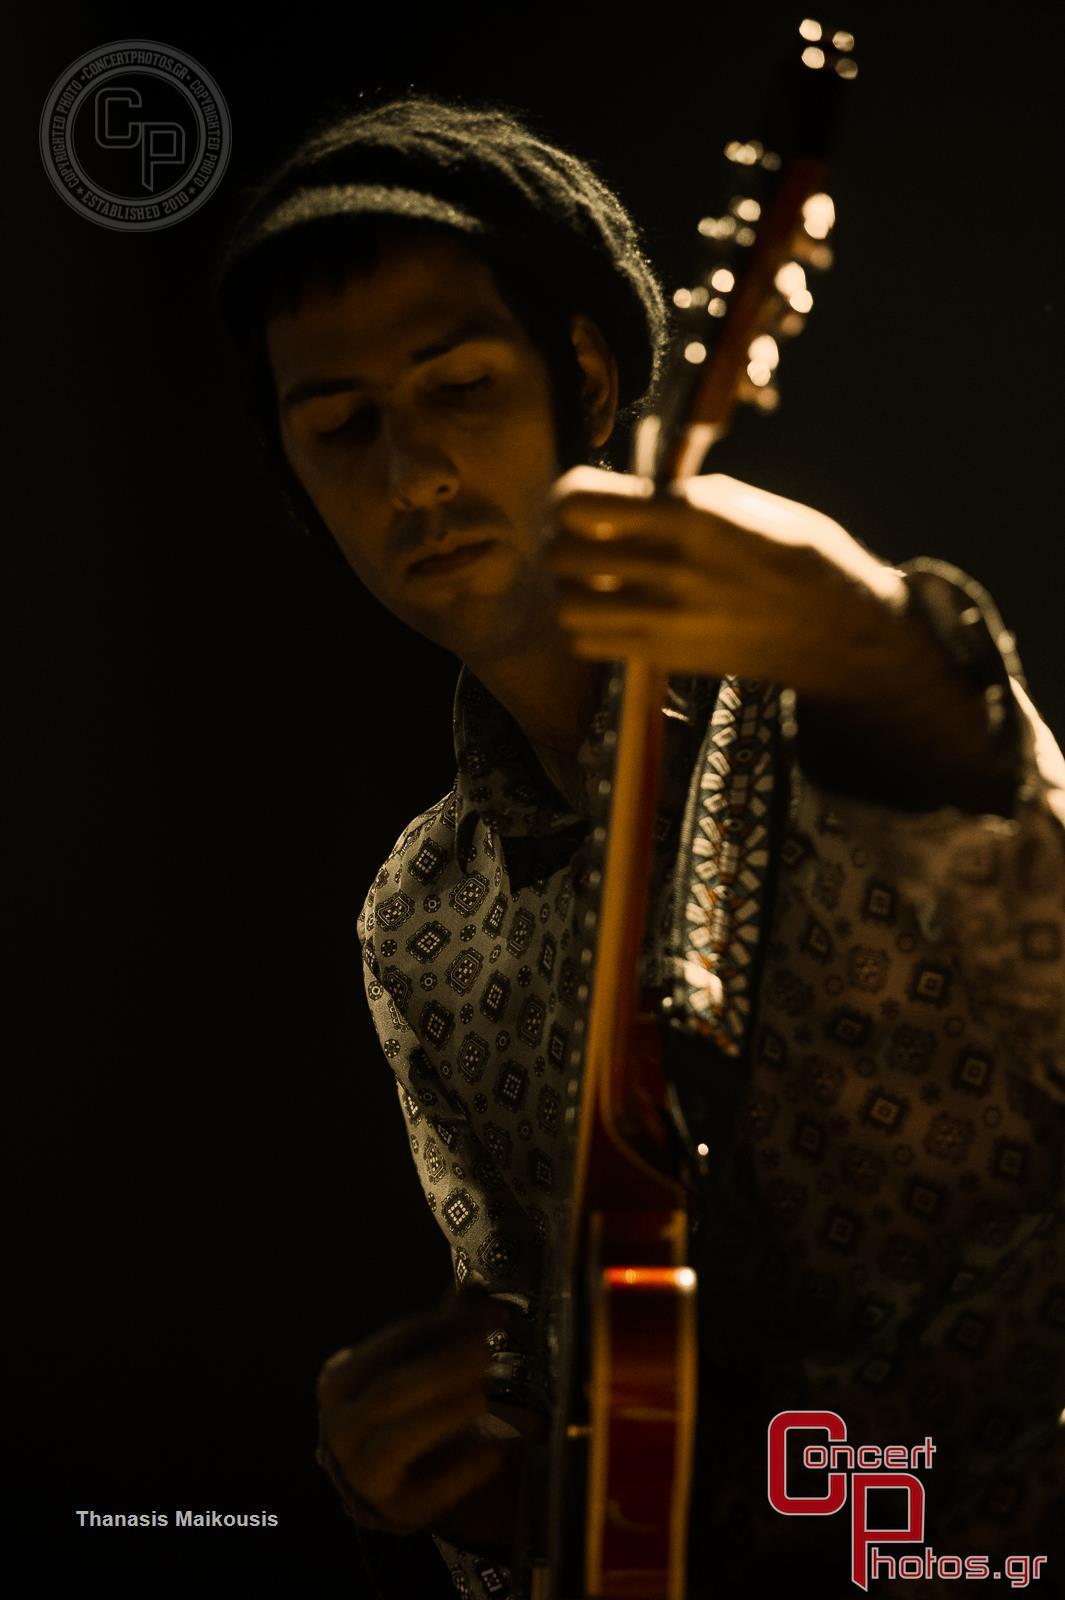 Allah Las & My Drunken Haze -Allah Las My Drunken Haze  photographer: Thanasis Maikousis - ConcertPhotos - 20141101_2306_42